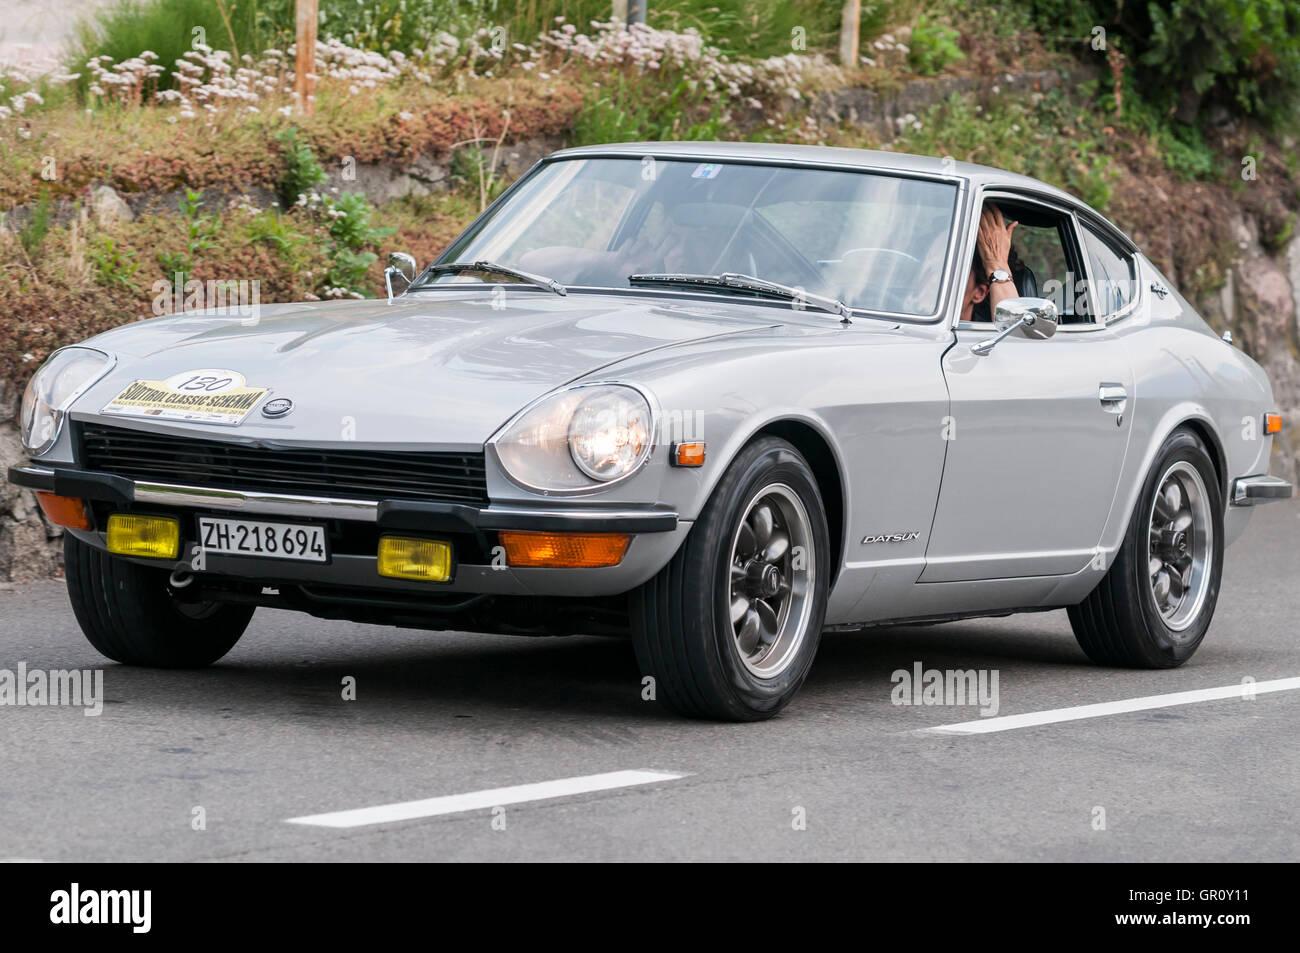 Datsun 240 Stock Photos & Datsun 240 Stock Images - Alamy